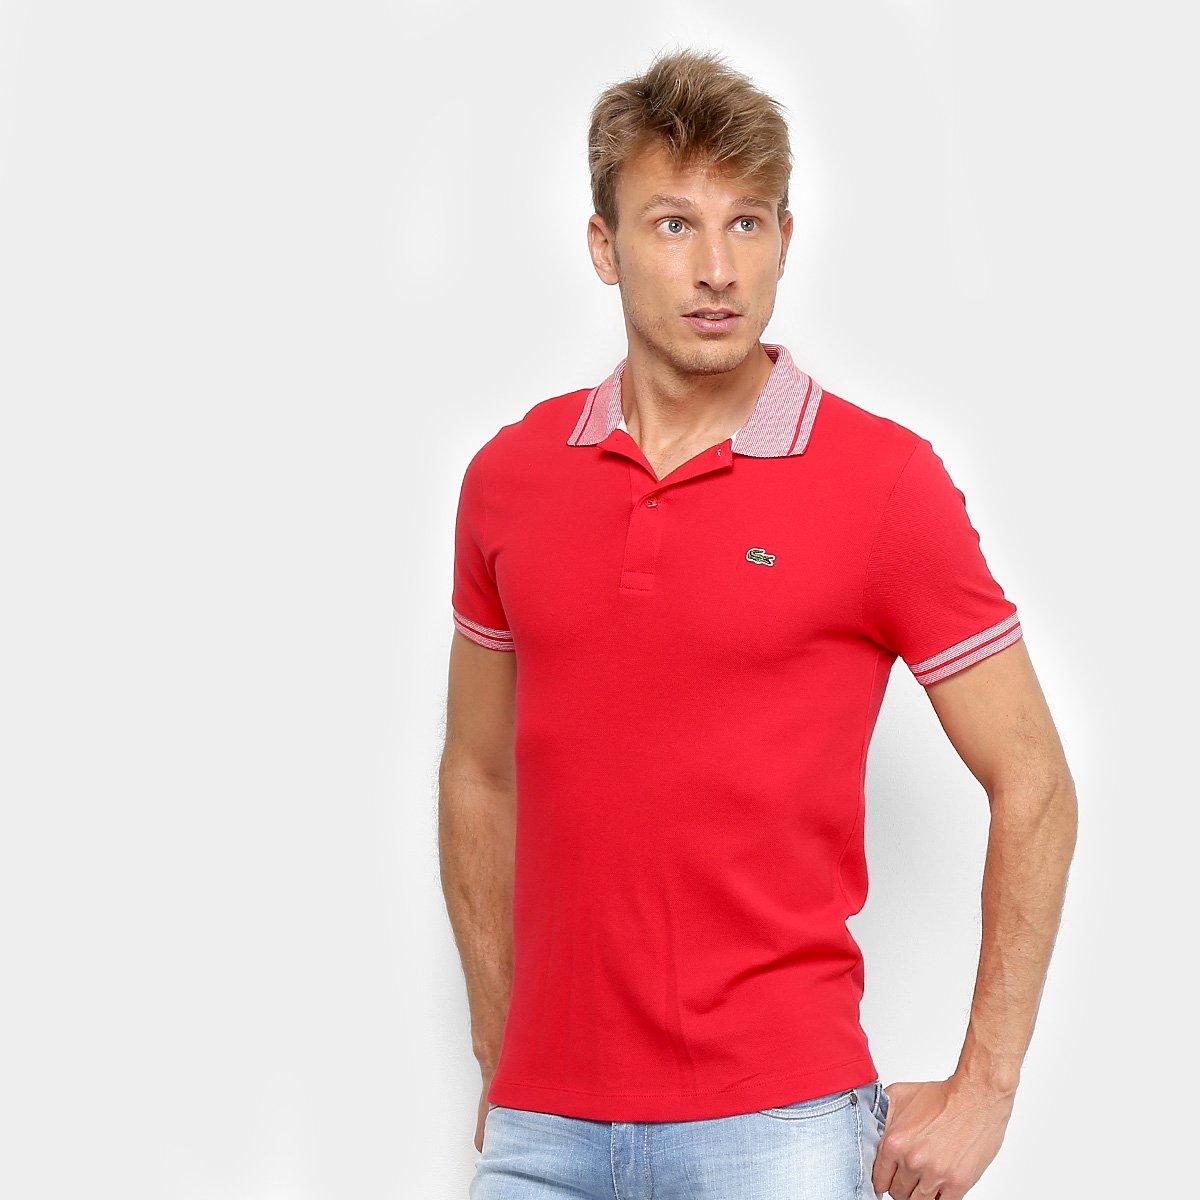 b3fa9db1a75a3 Camisa Polo Lacoste Piquet Frisos Masculina - Vermelho e Branco - Compre  Agora